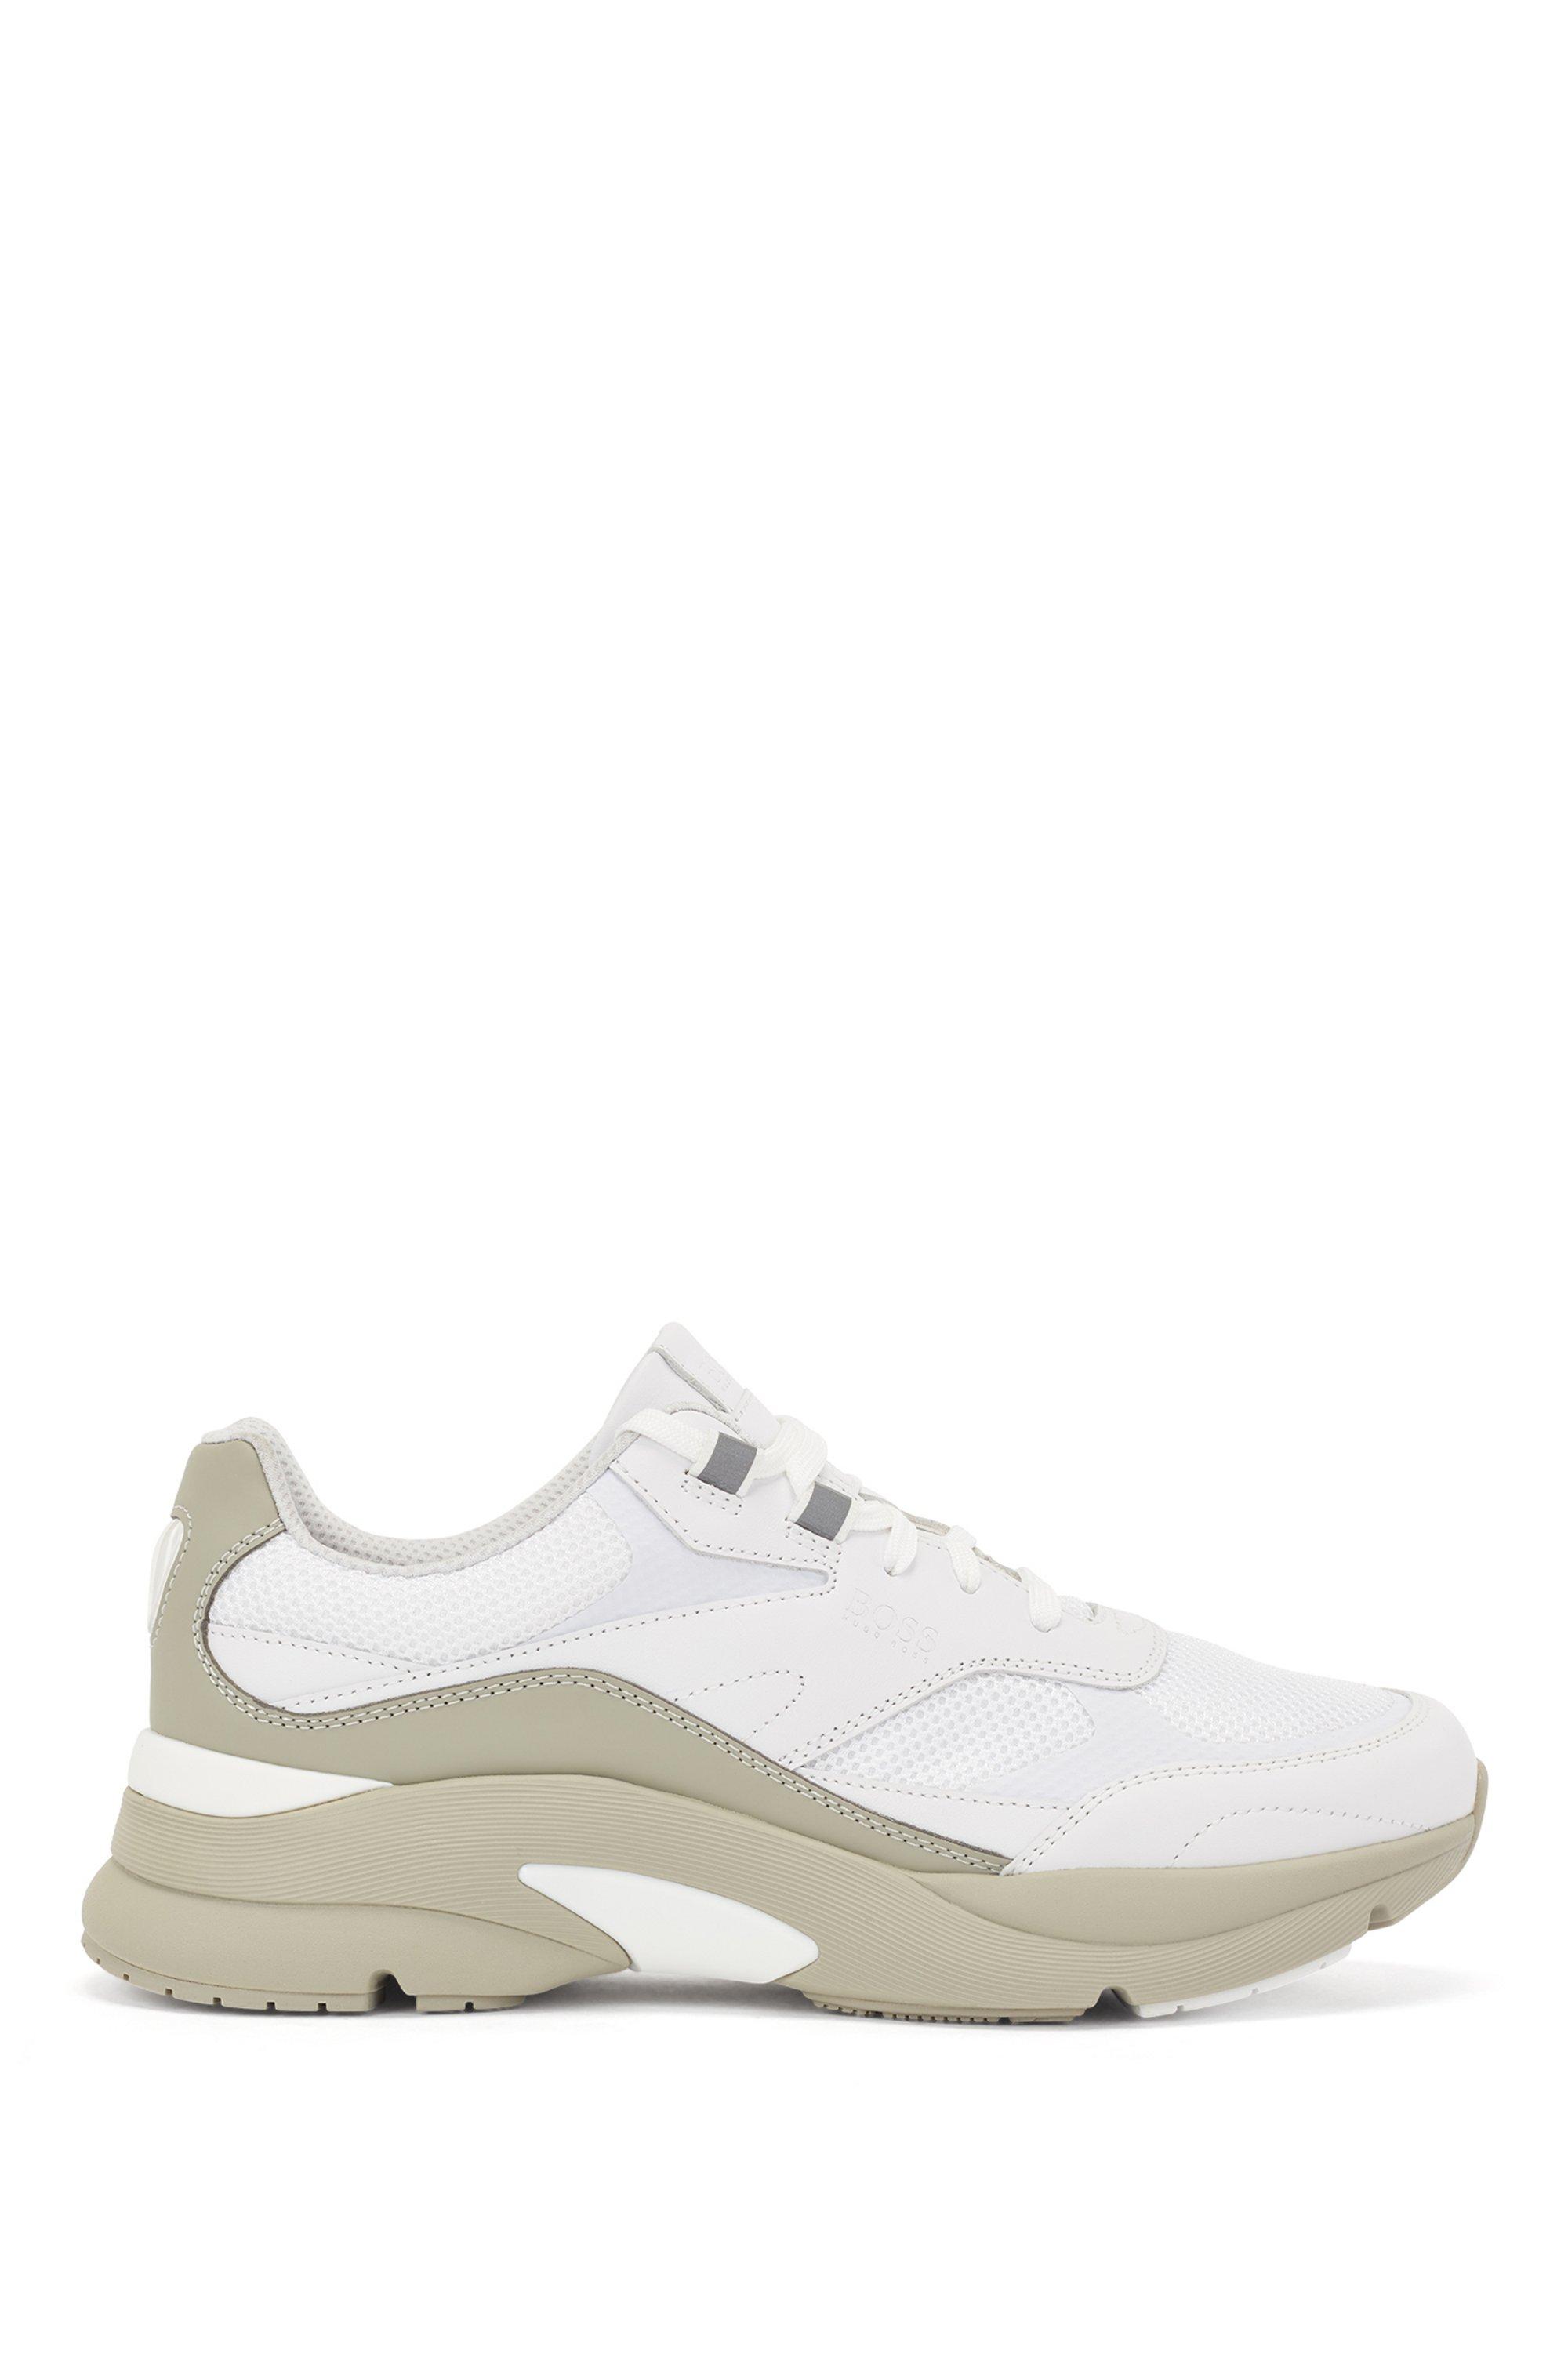 Sneakers stile running in pelle scamosciata e rete aperta, Bianco